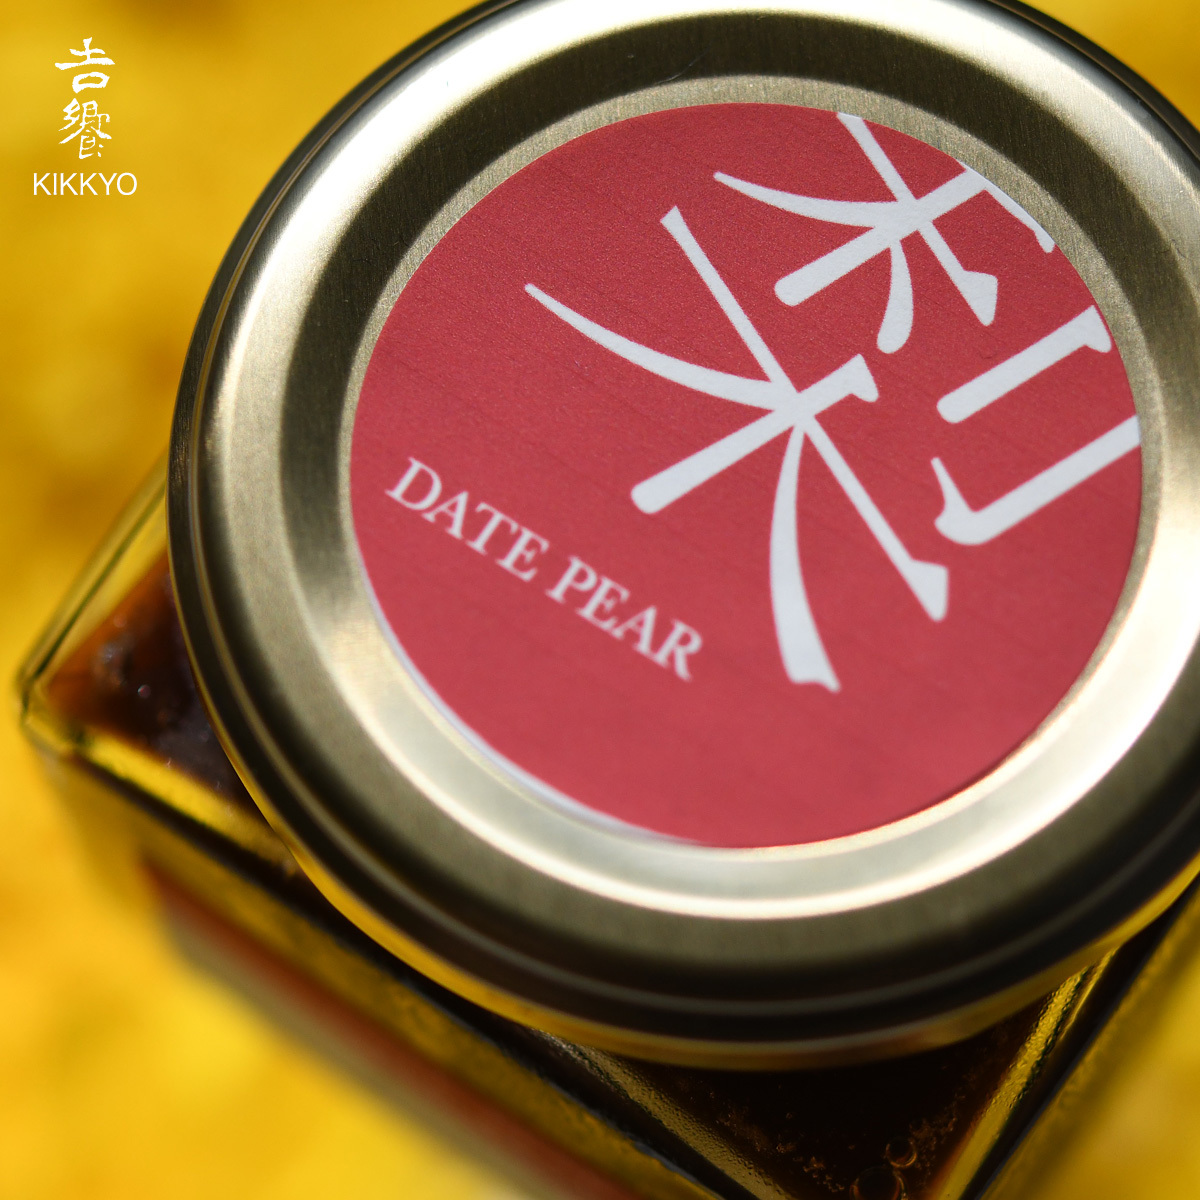 吉饗 Kikkyo・日本で唯一 漢方 蜜膏の手作 漢方paste デート ナシ ナシのこう